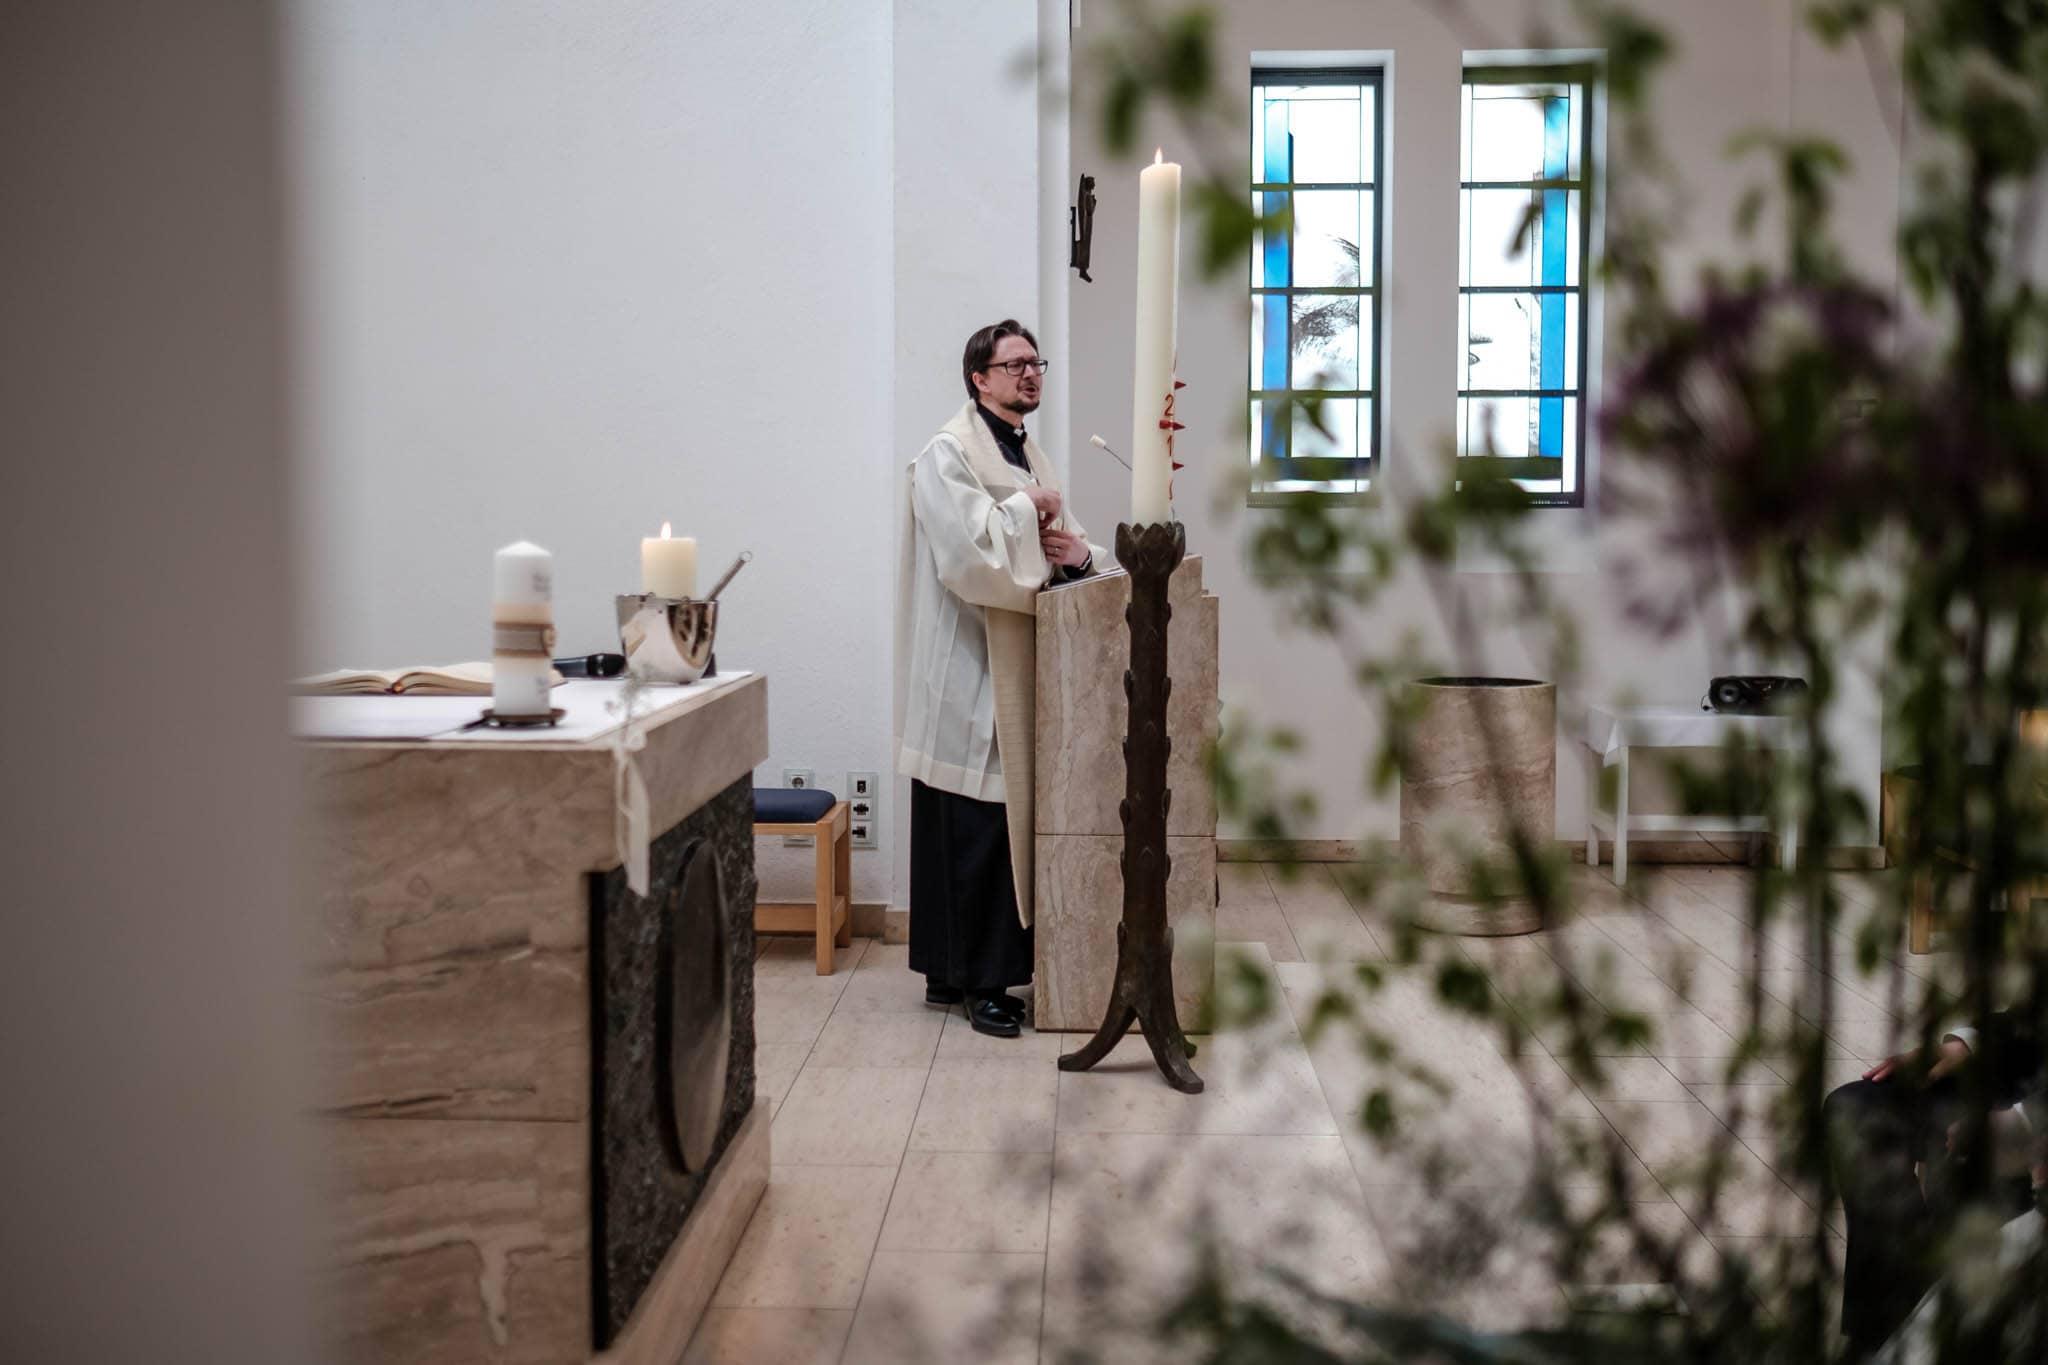 Hochzeitsfieber by Photo-Schomburg, Hochzeitsfotograf, Hamburg, Hochzeitsbilder, Braut, Brautpaar, Bräutigam-23